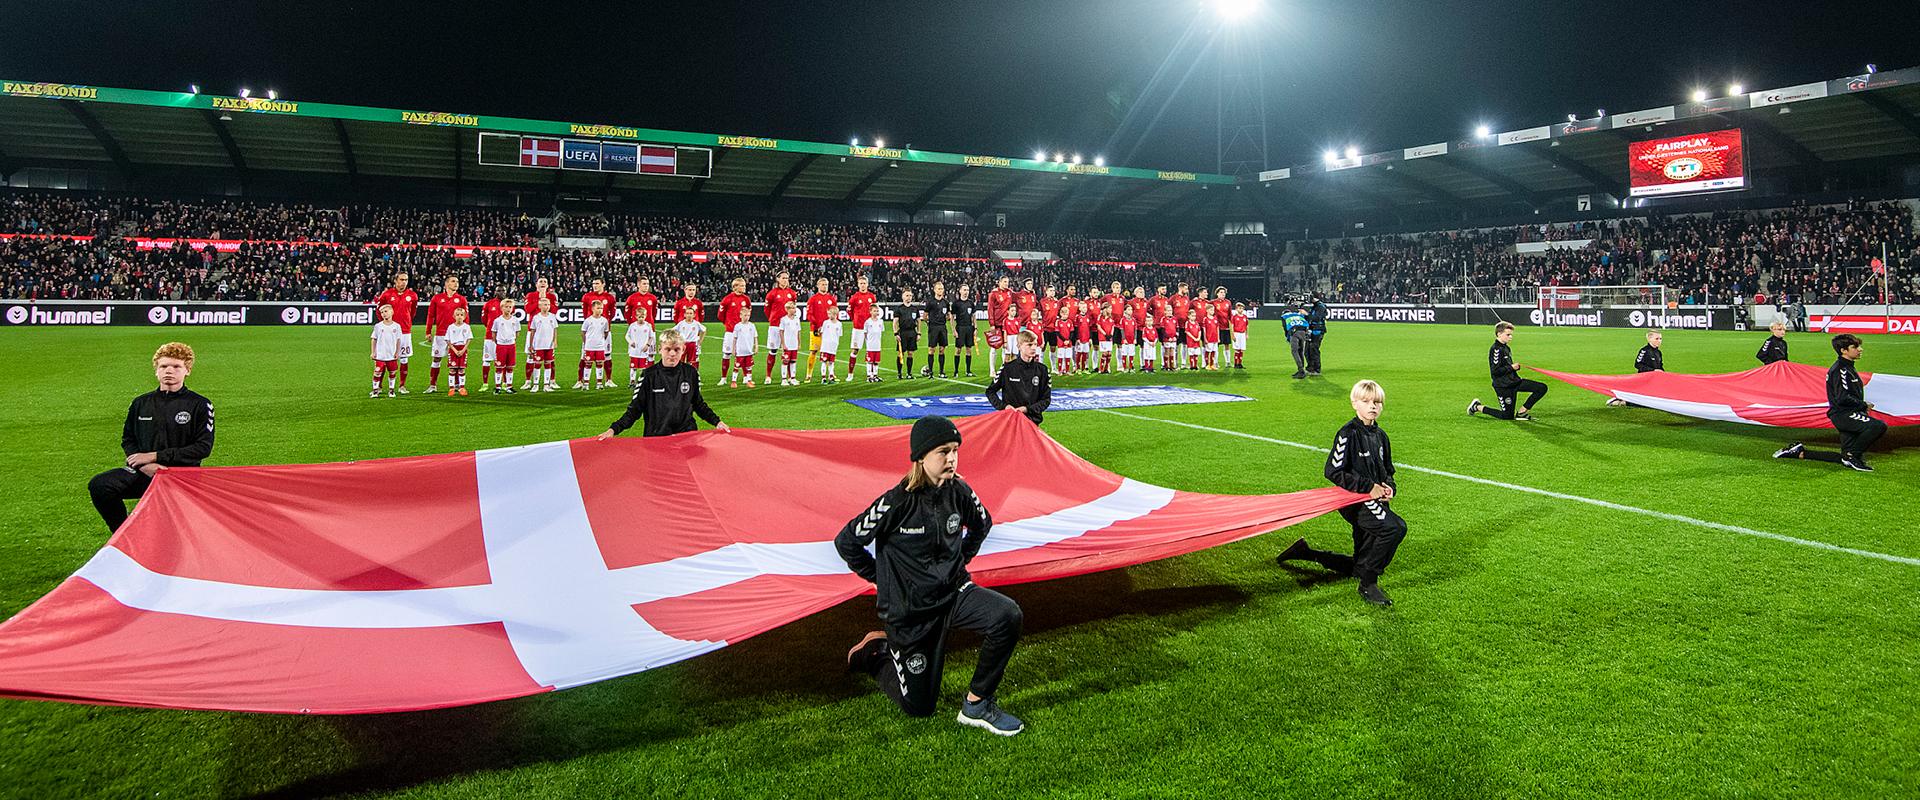 Landskamp 2020 - Danmark - Færøerne - MCH Arena